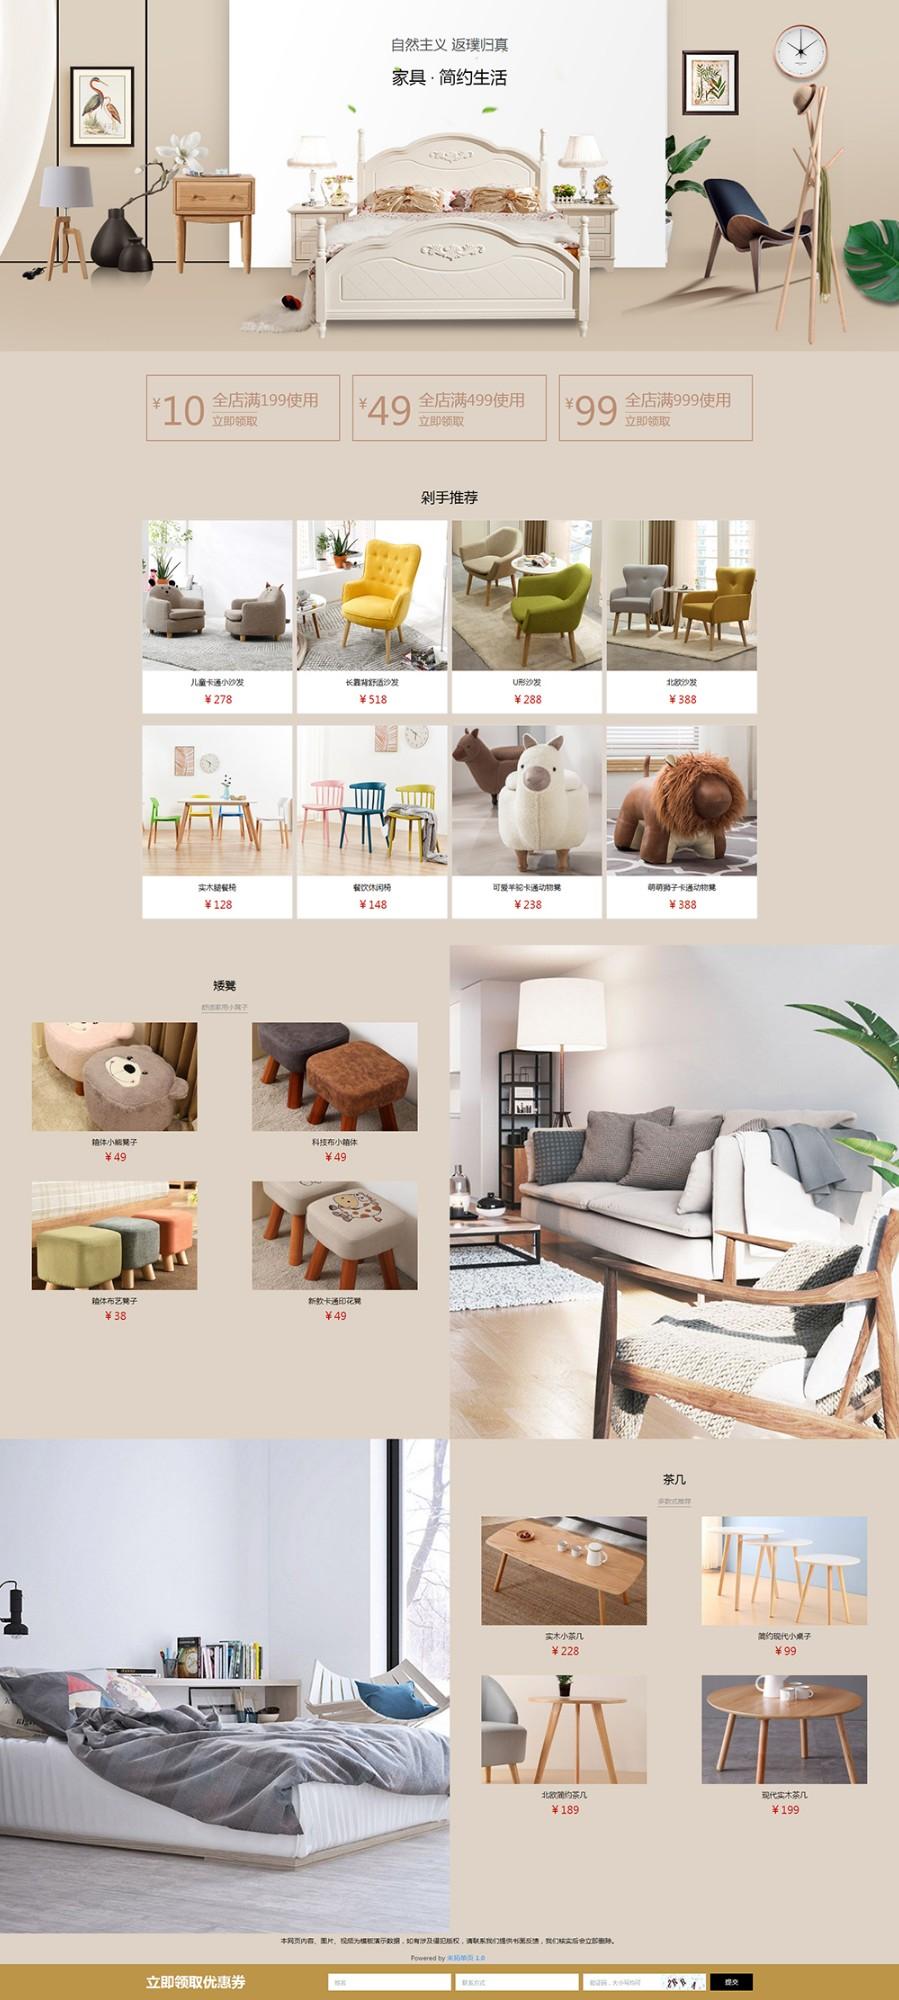 品牌家具落地页模板|广告页模板|宣传页模板|推广页|专题页设计制作